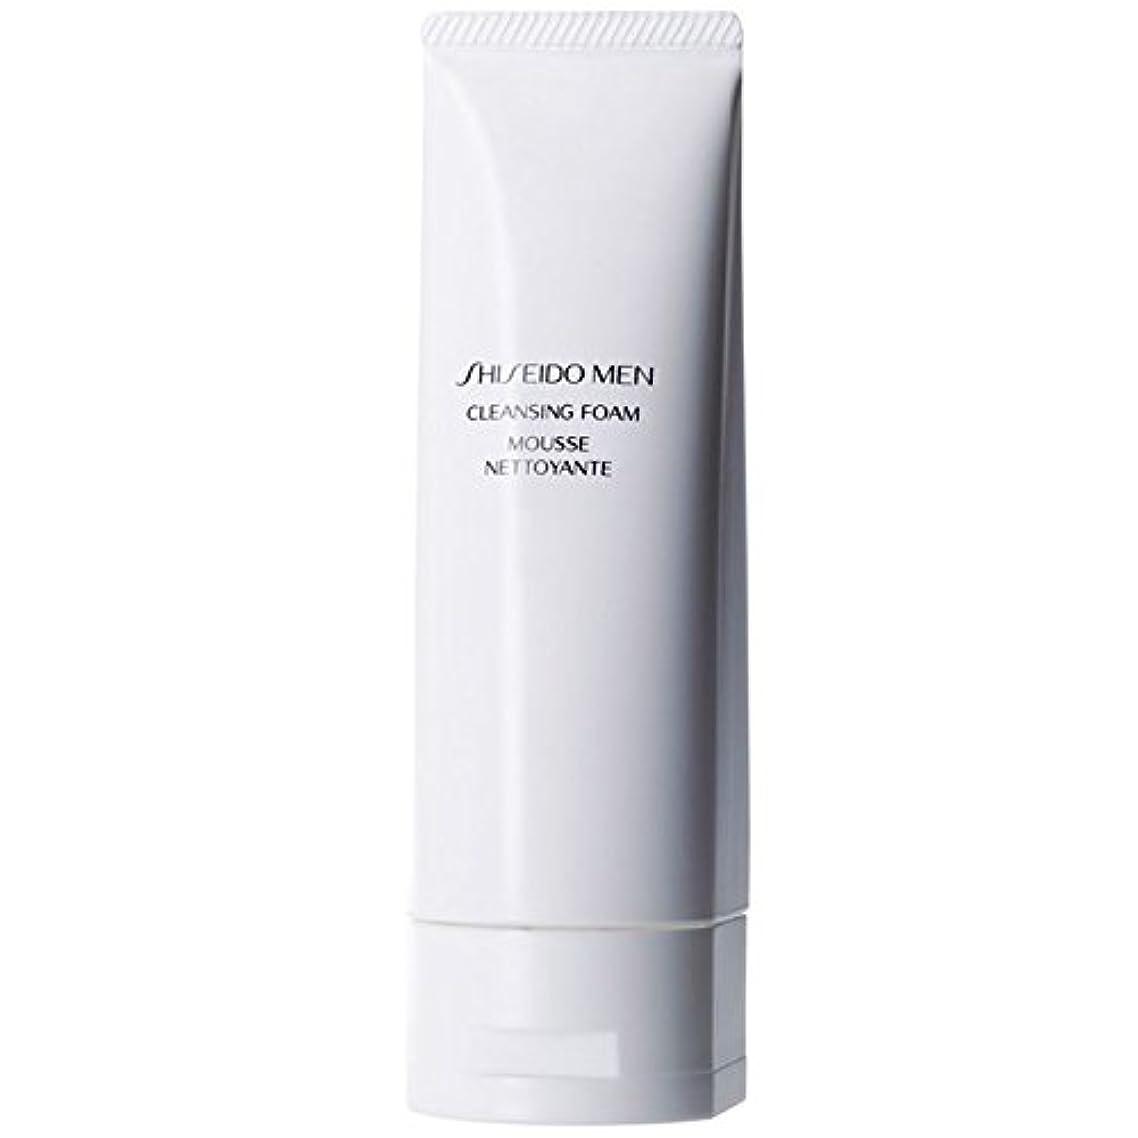 ノート作り疲労[Shiseido] 泡125ミリリットルをクレンジング資生堂の男性 - Shiseido Men Cleansing Foam 125ml [並行輸入品]